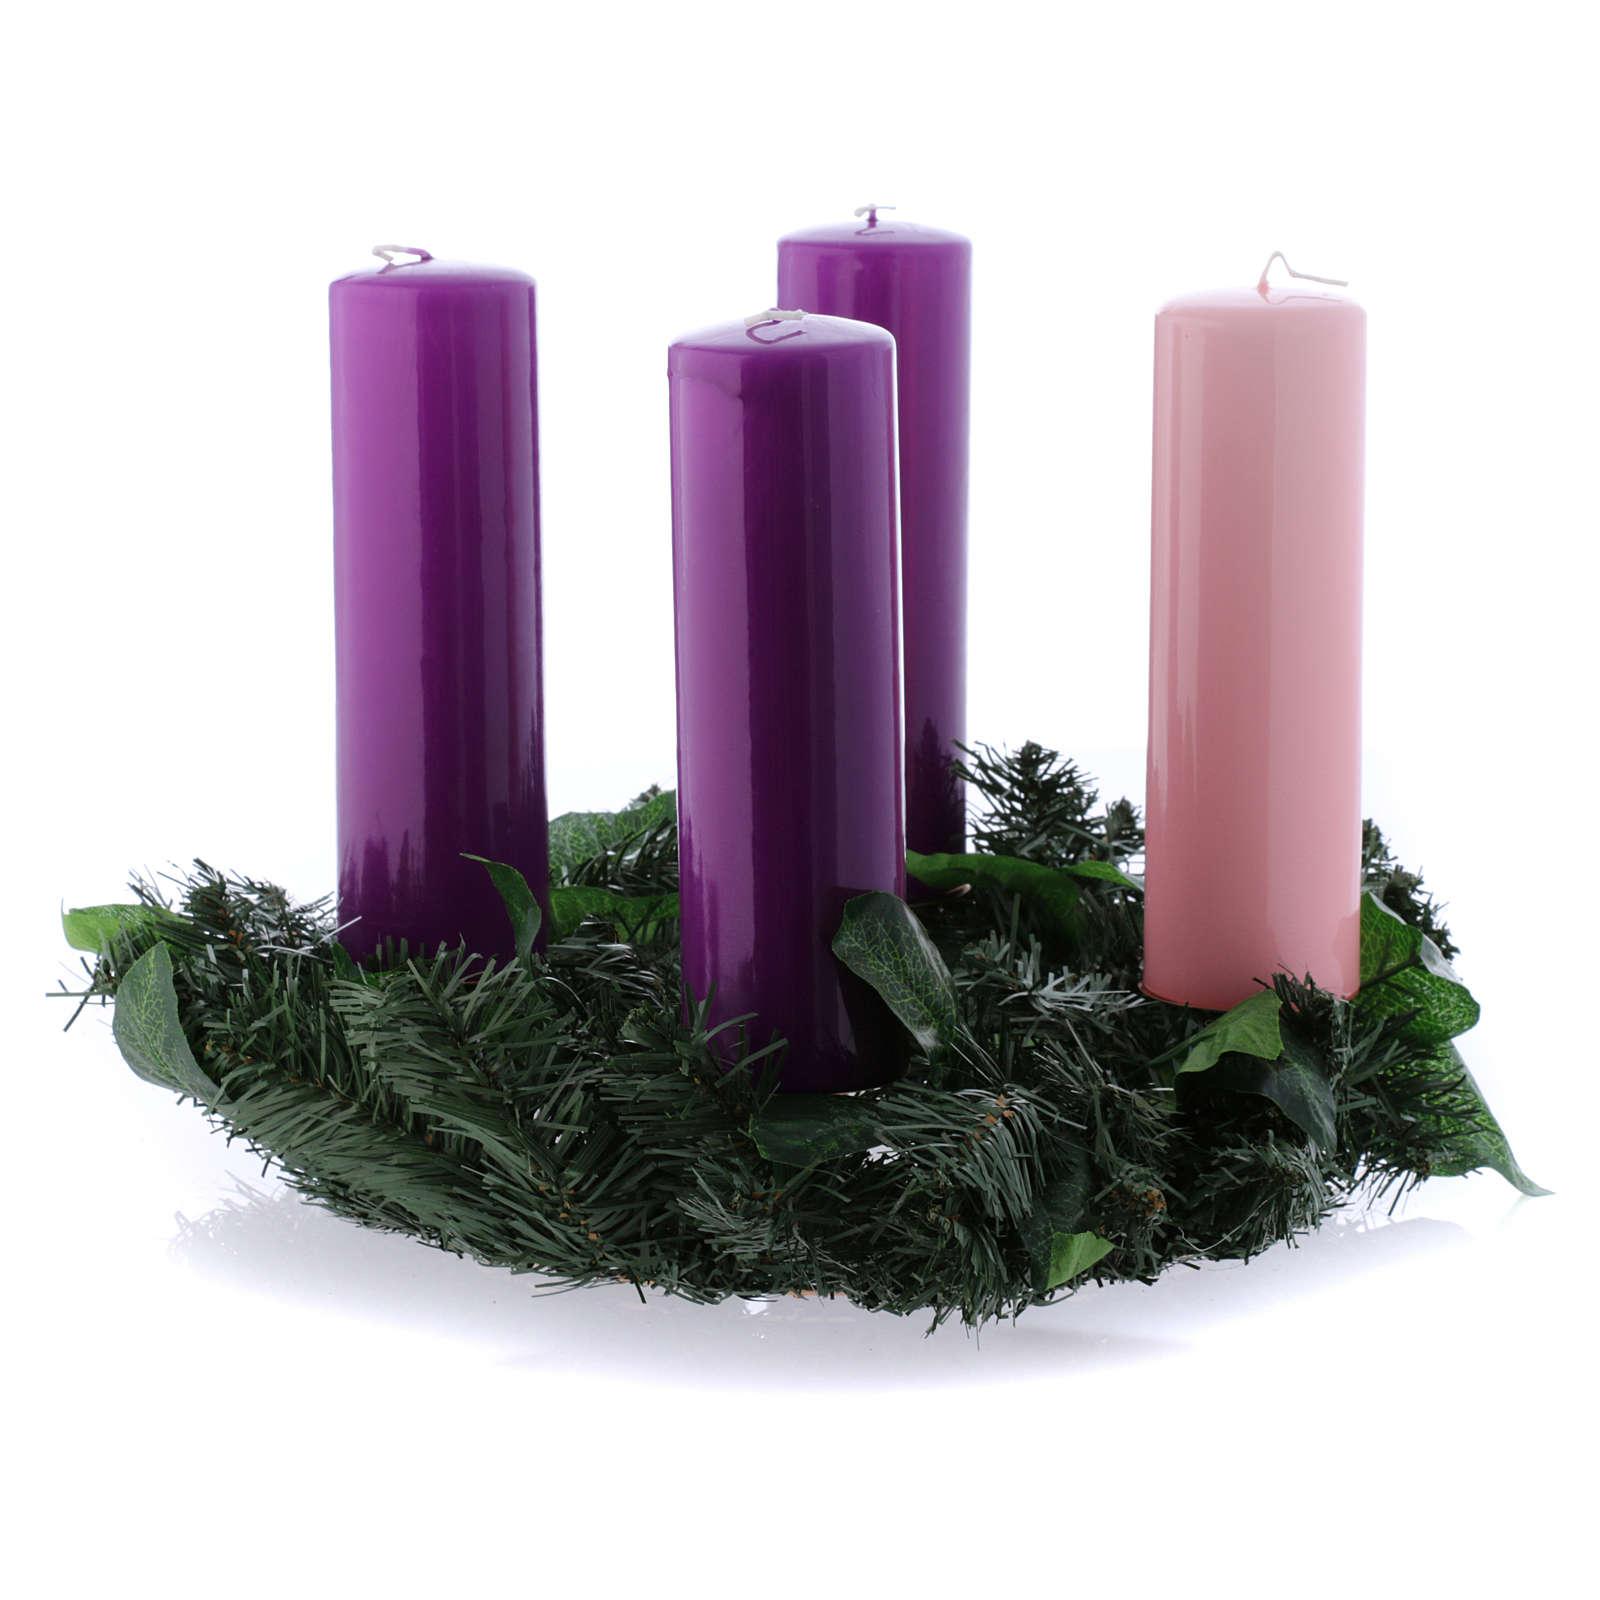 Zestaw adwentowy do liturgii korona i świece 20x6 cm 3